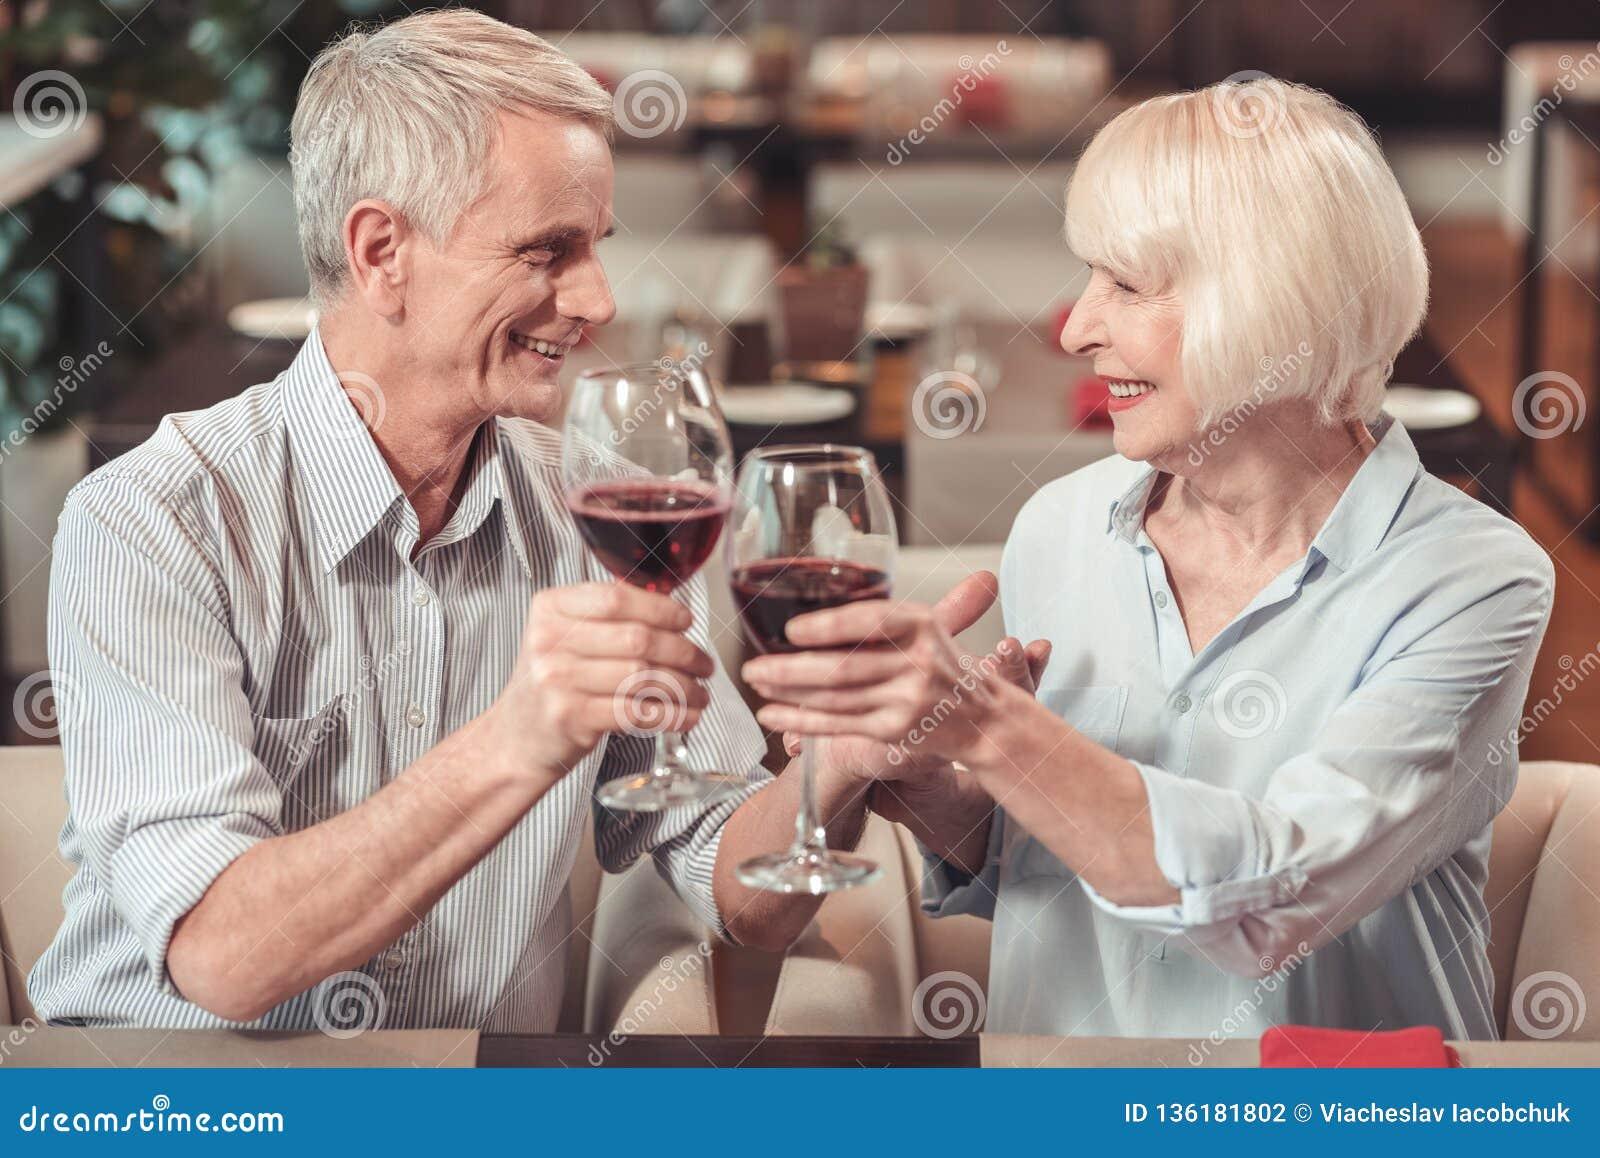 Παλαιό ζεύγος που γιορτάζει μια επέτειο μαζί σε έναν καφέ